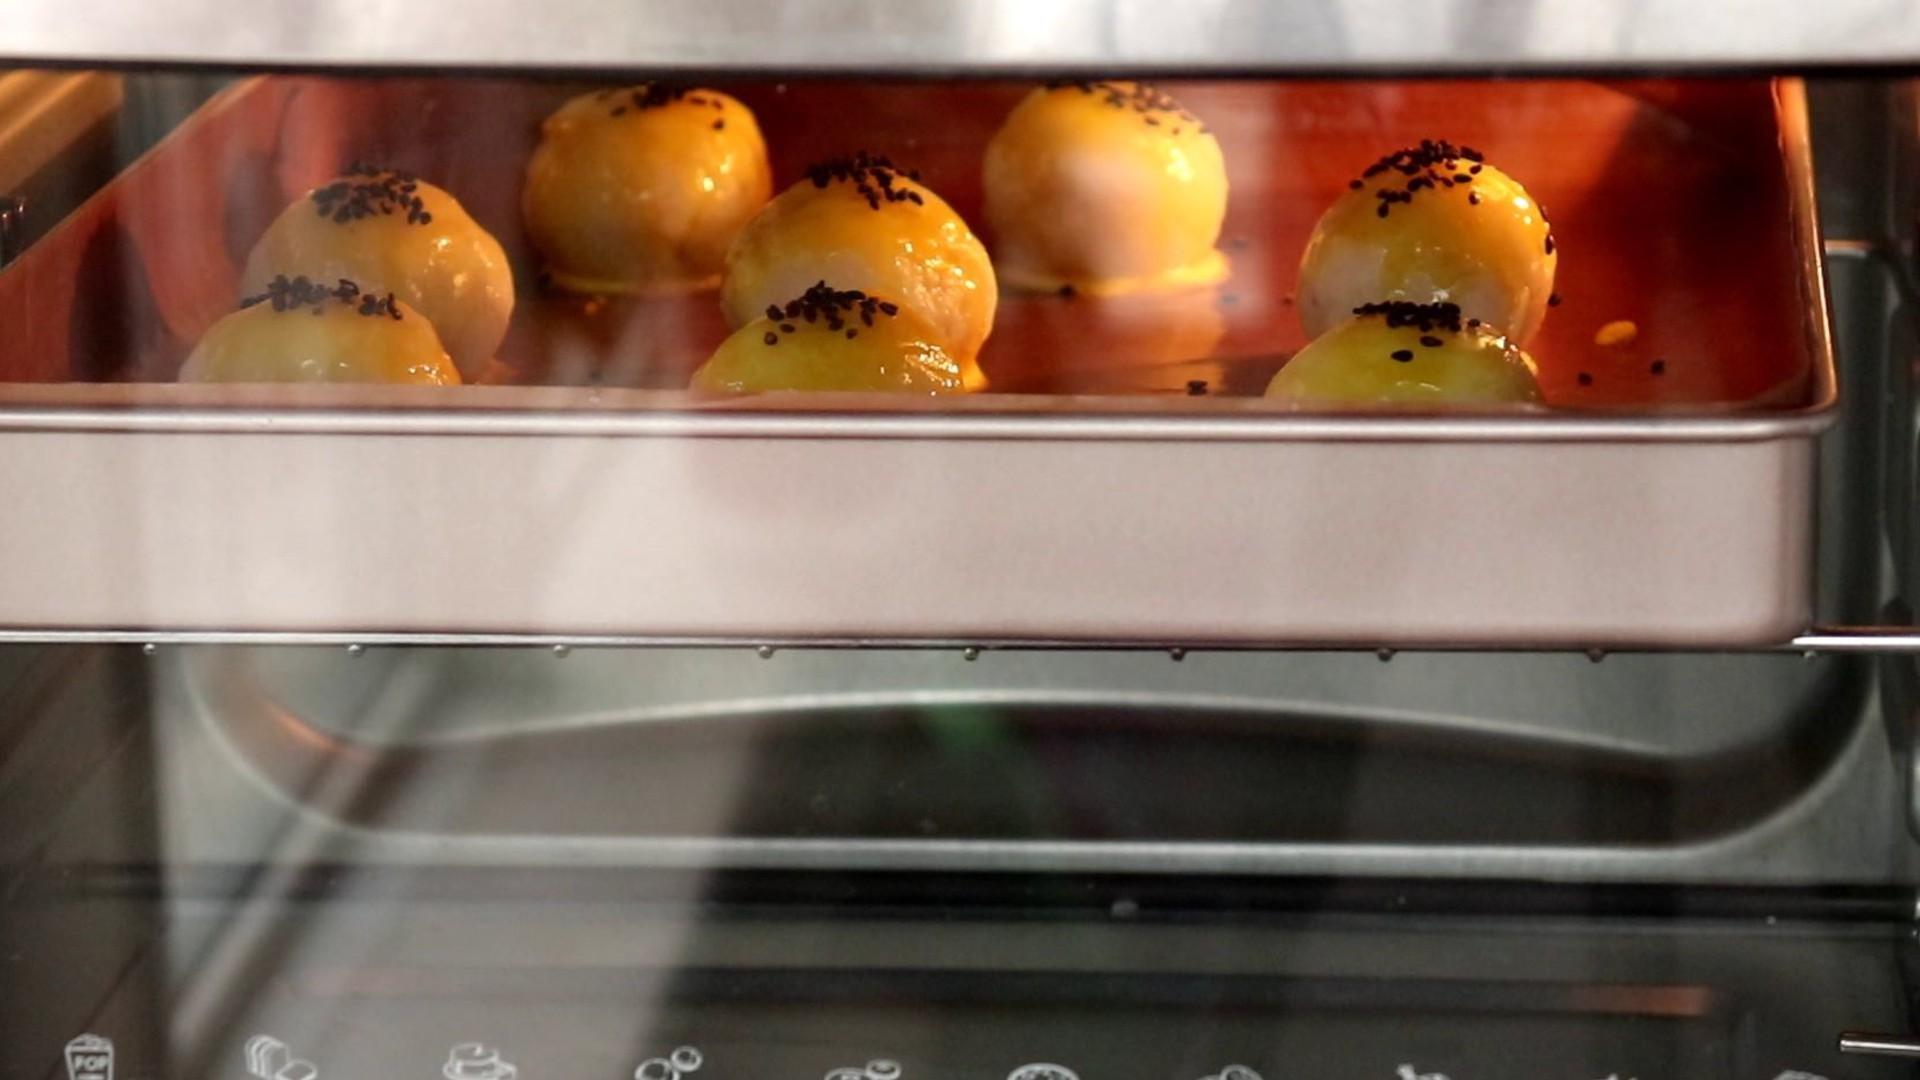 土豆蛋黄酥,放入预热好的烤箱中层,上下管170度,烤20min</p> <p>tips:具体时间,根据自家的烤箱情况而定,但是建议不要烤太长时间,以防烤爆裂